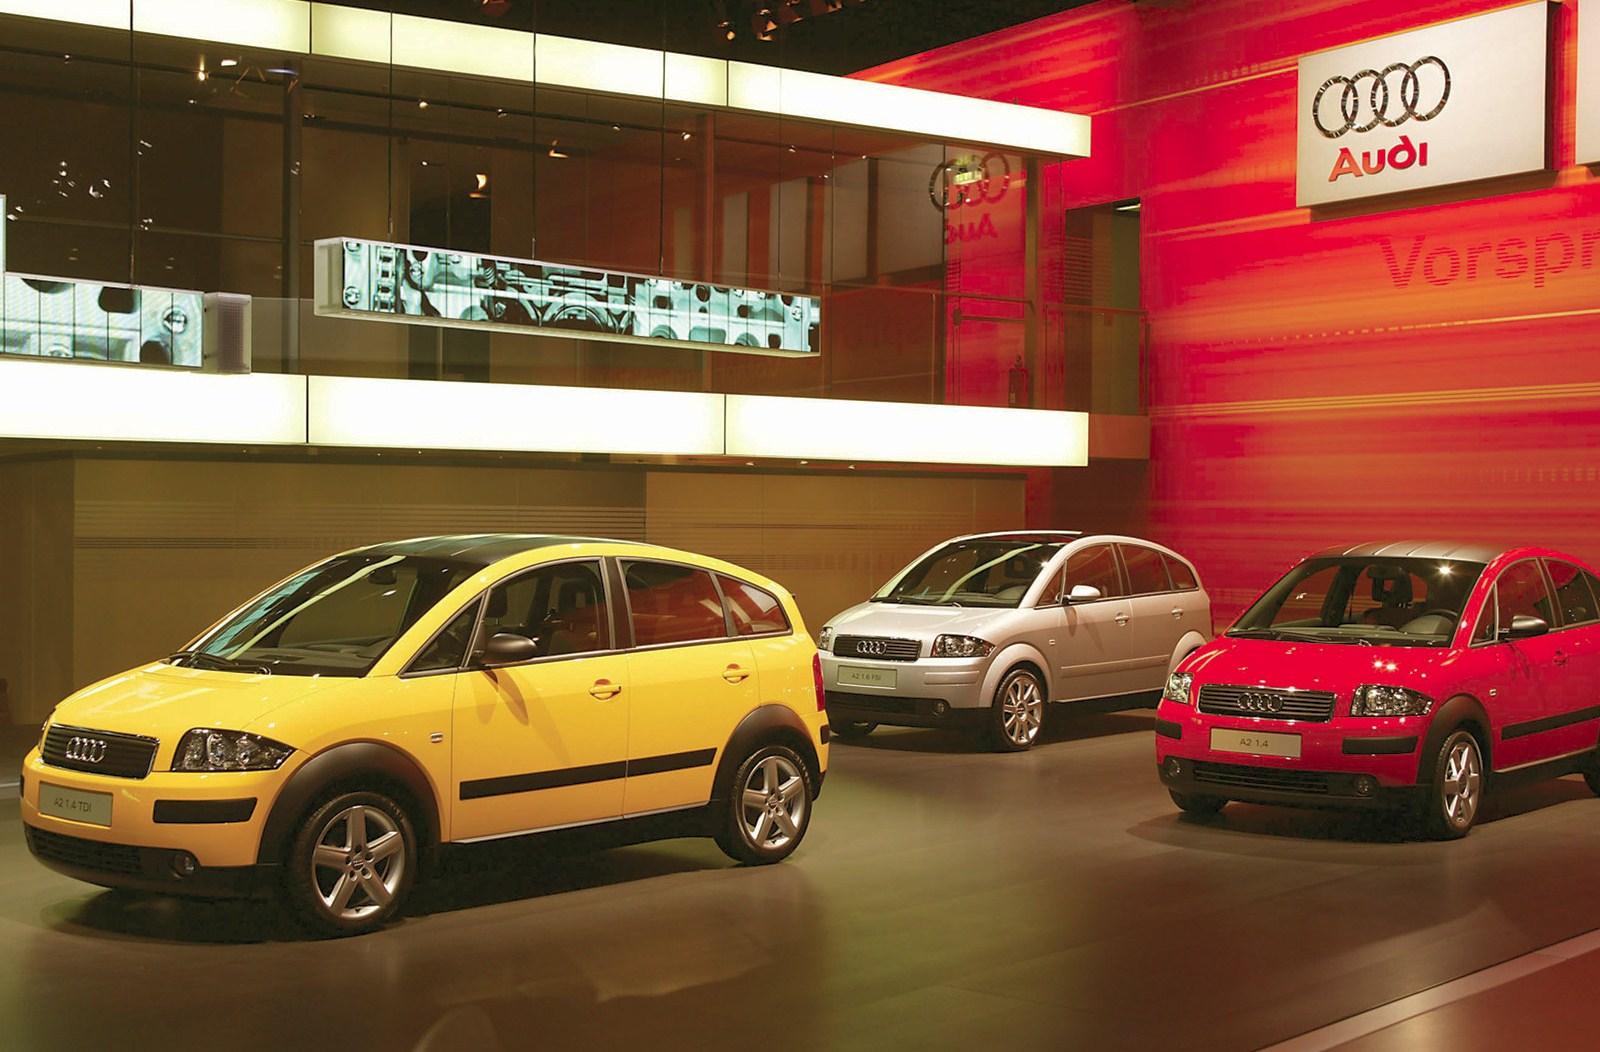 http://4.bp.blogspot.com/_sRGU_JXOz6E/TSiJGPITCcI/AAAAAAAABD4/csPzGlPlHS0/s1600/Audi-A2_2003_1600x1200_wallpaper_07.jpg